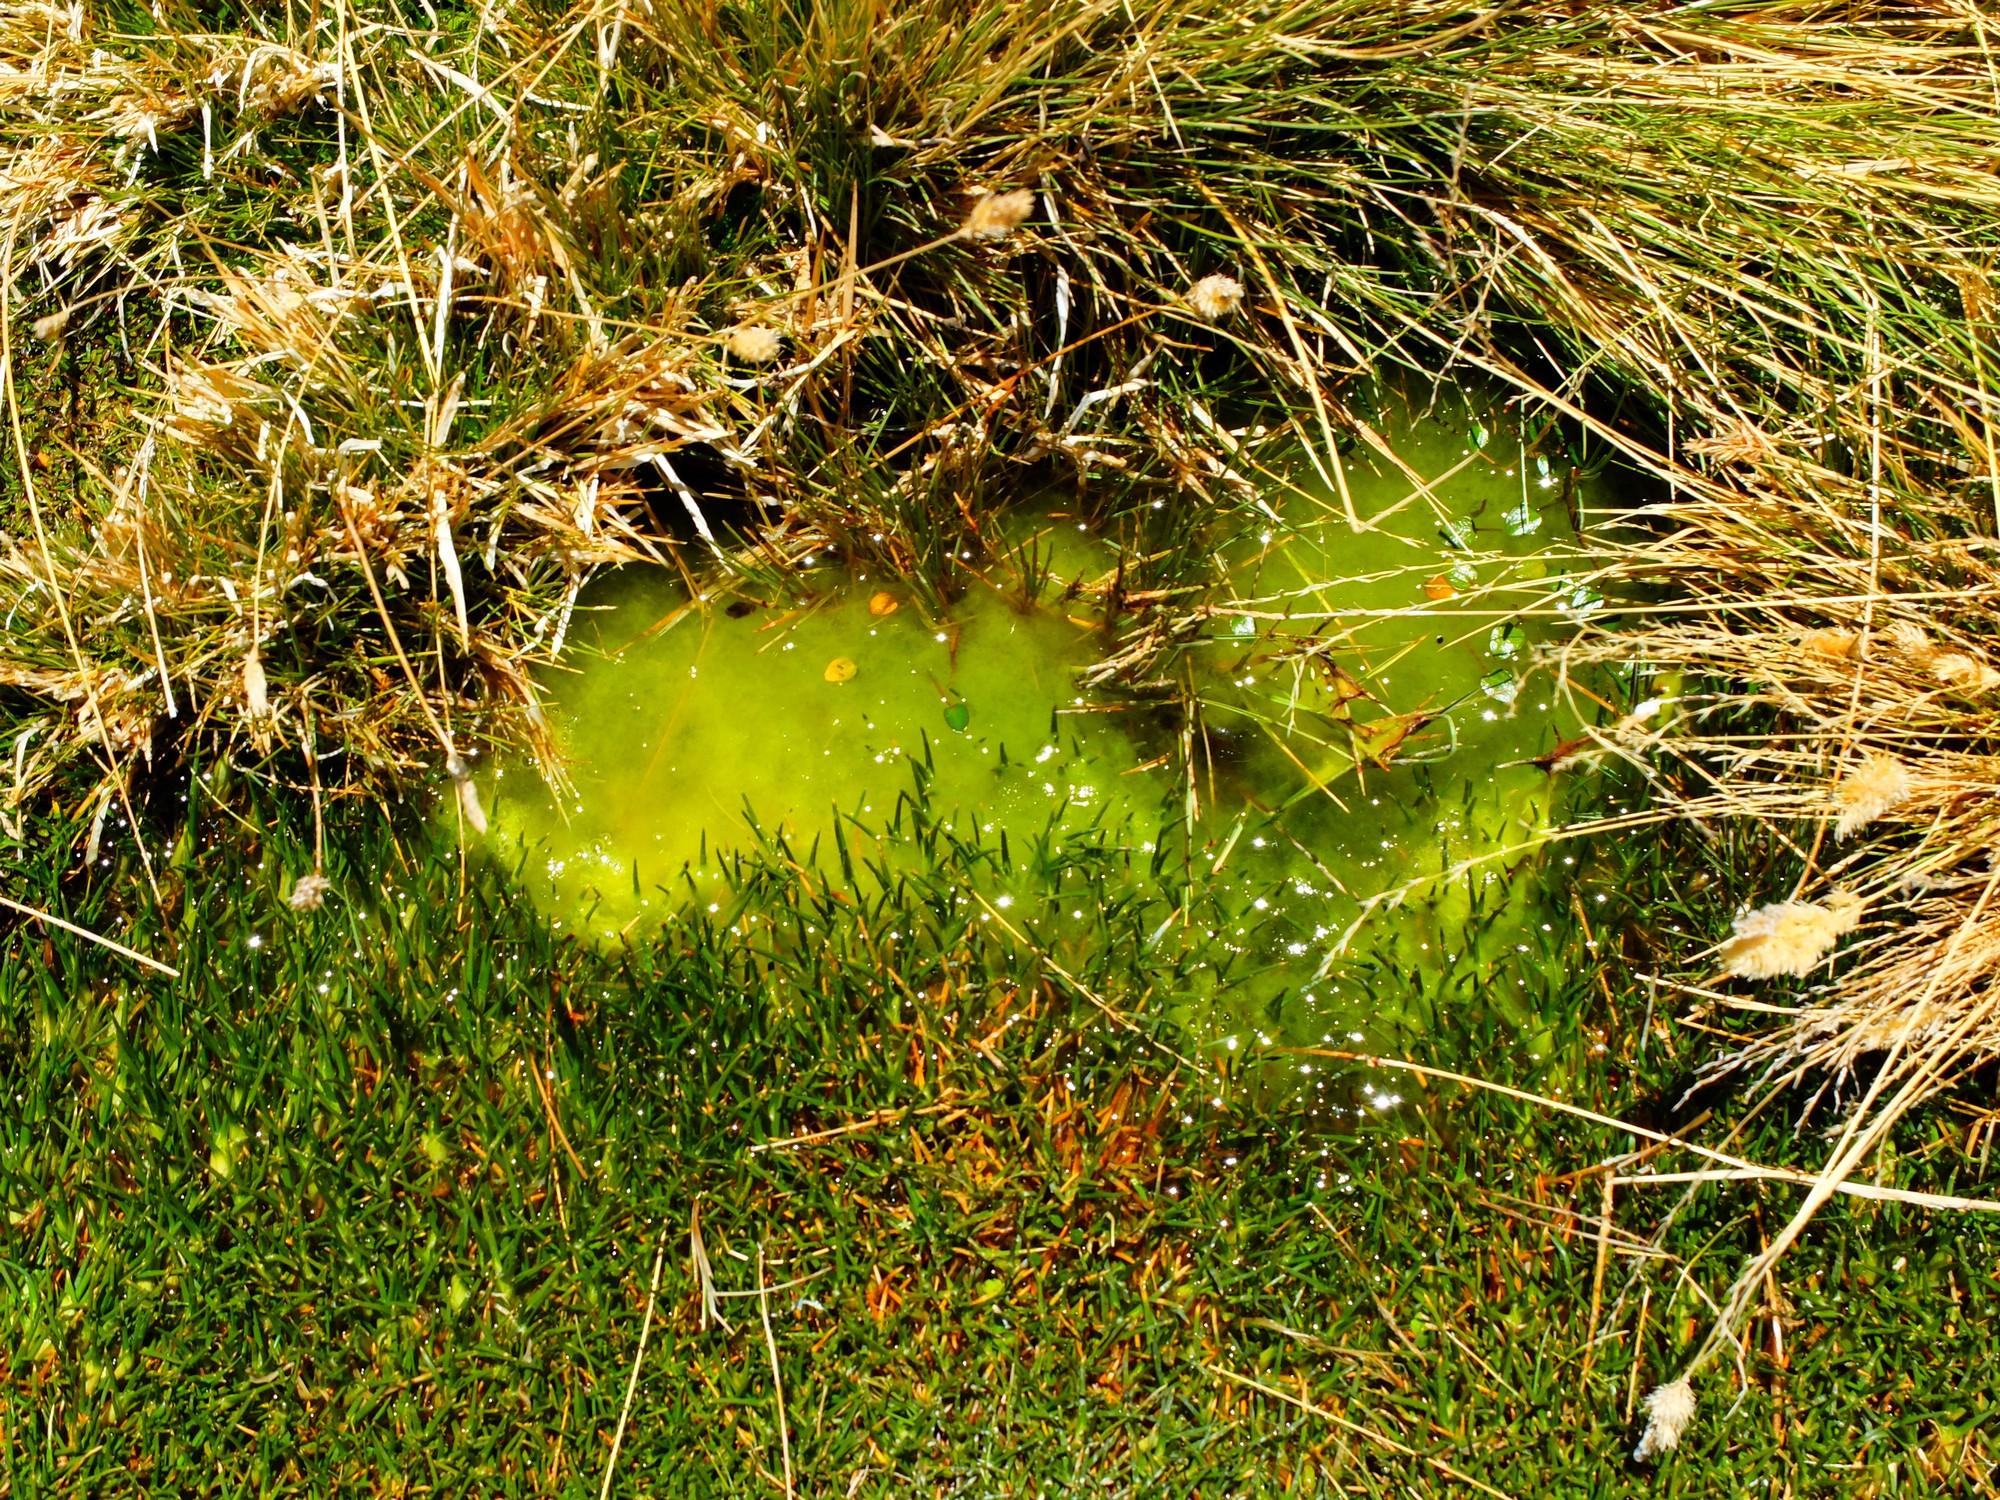 A brilliant green bog